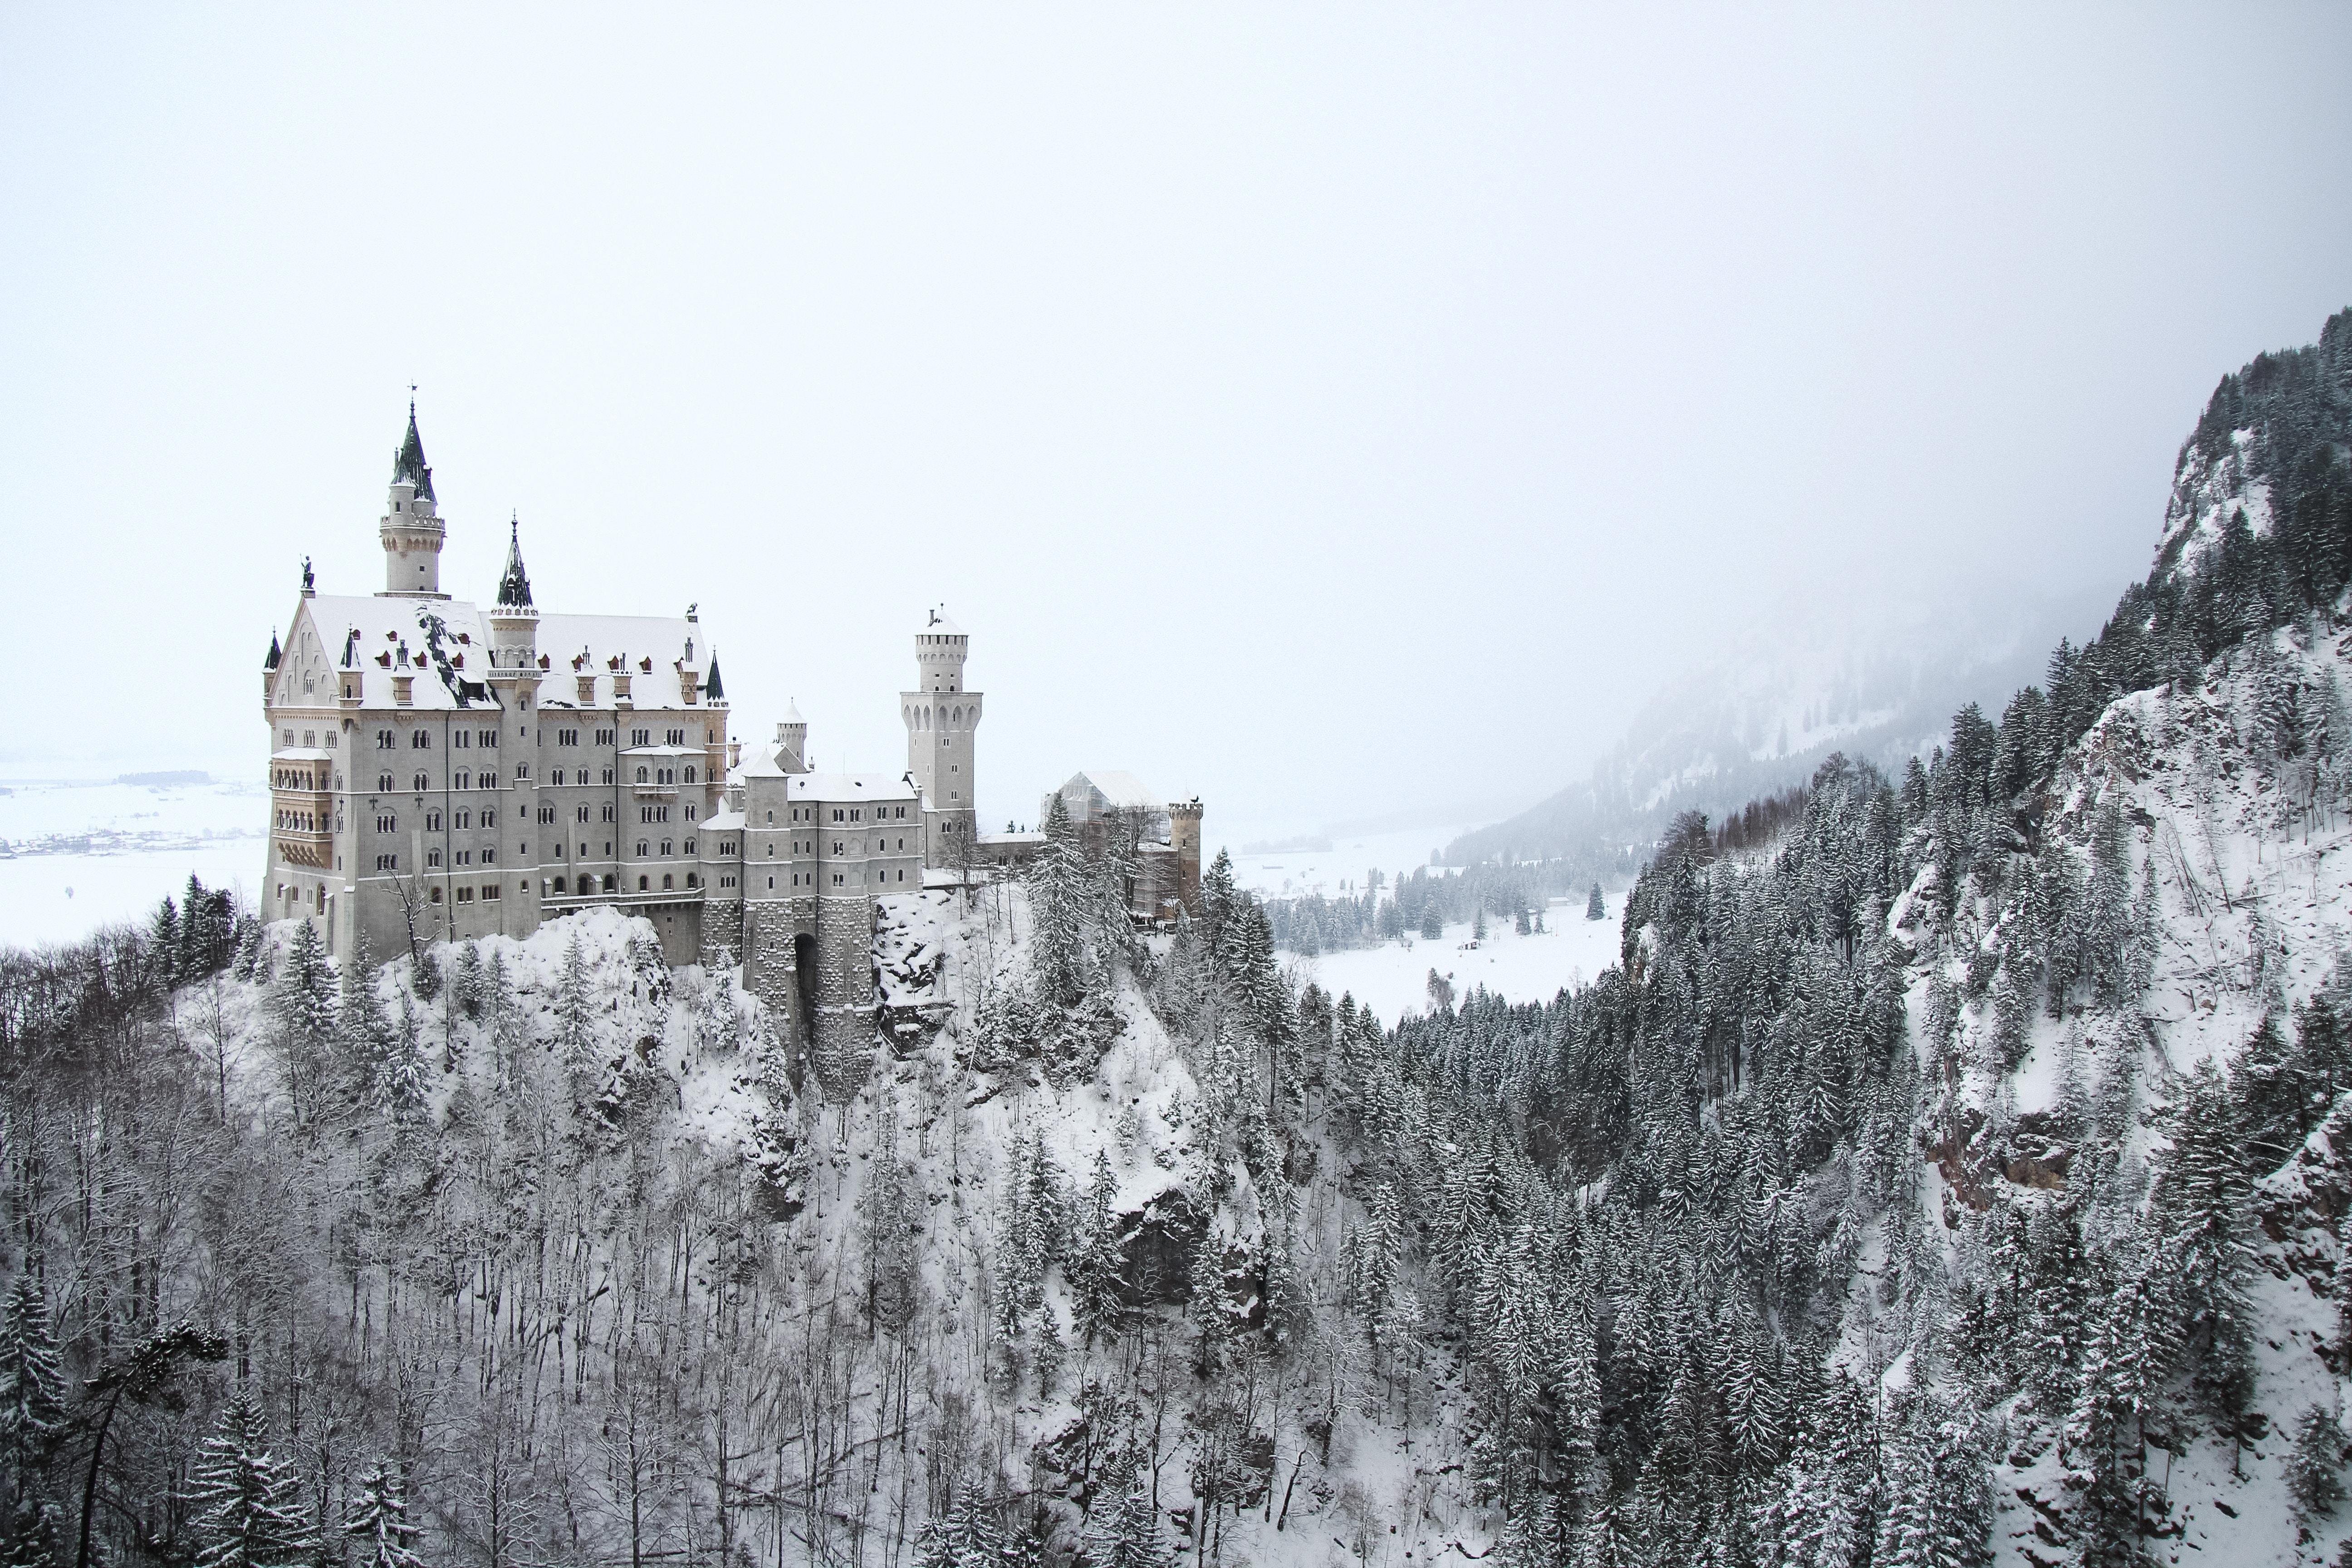 11_19-blog-neuschwanstein-castle-germany